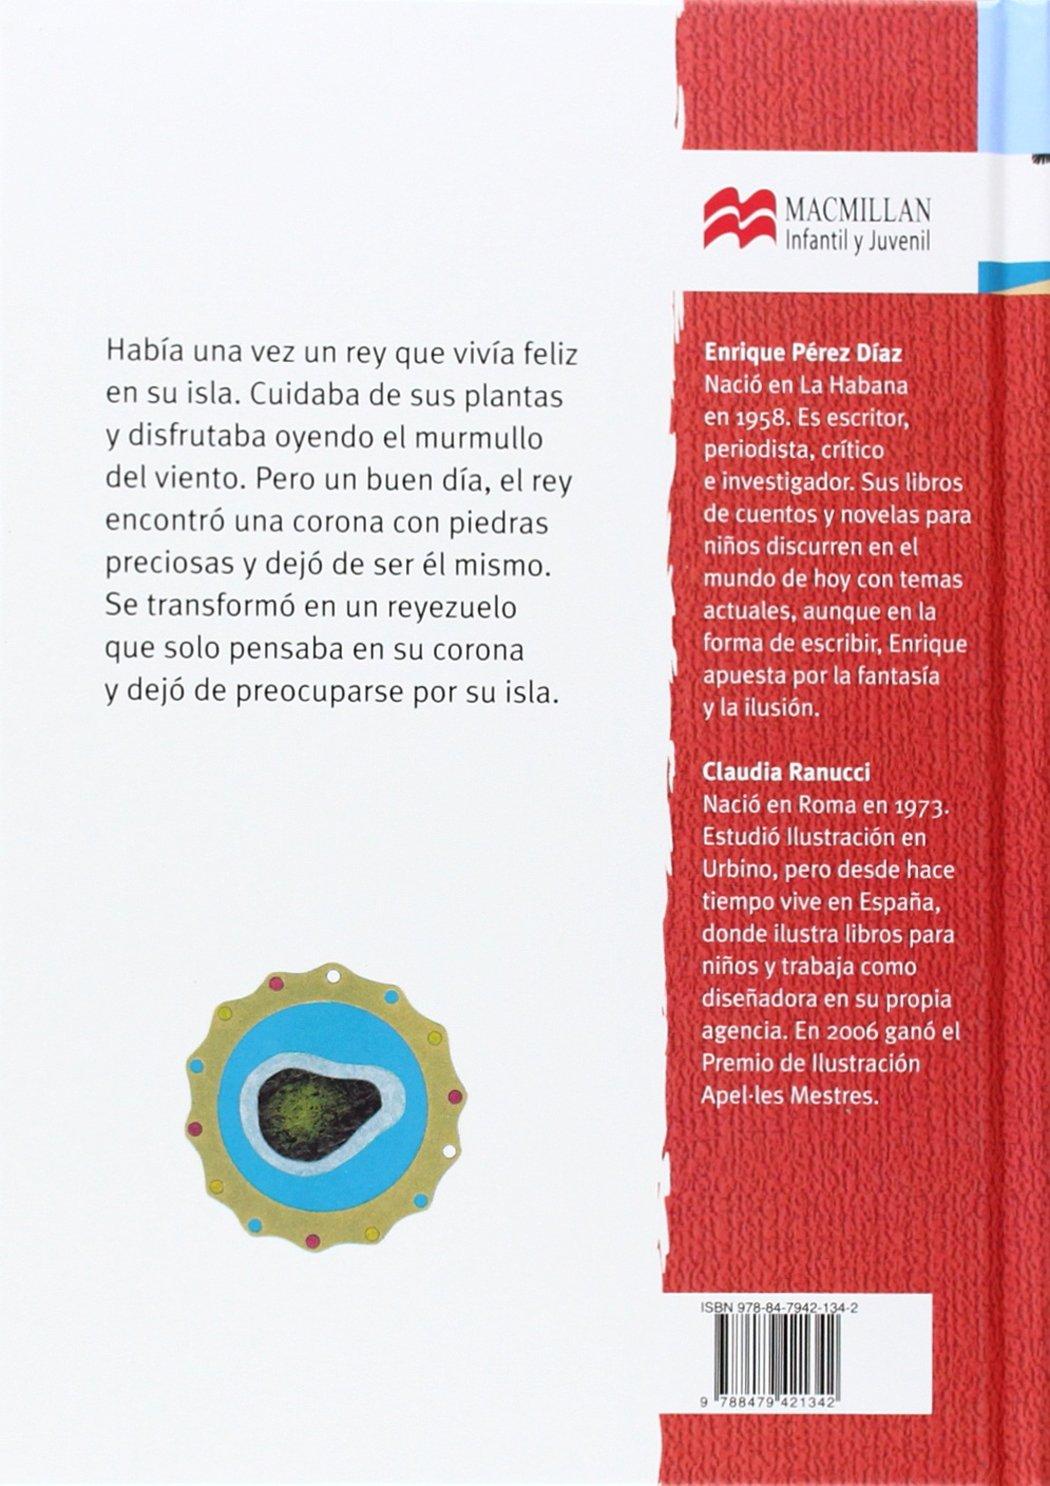 Amazon.com: El rey y la corona sietepiedras (Librosaurio) (Spanish Edition) (9788479421342): Enrique Pérez Díaz, Claudia Ranucci: Books